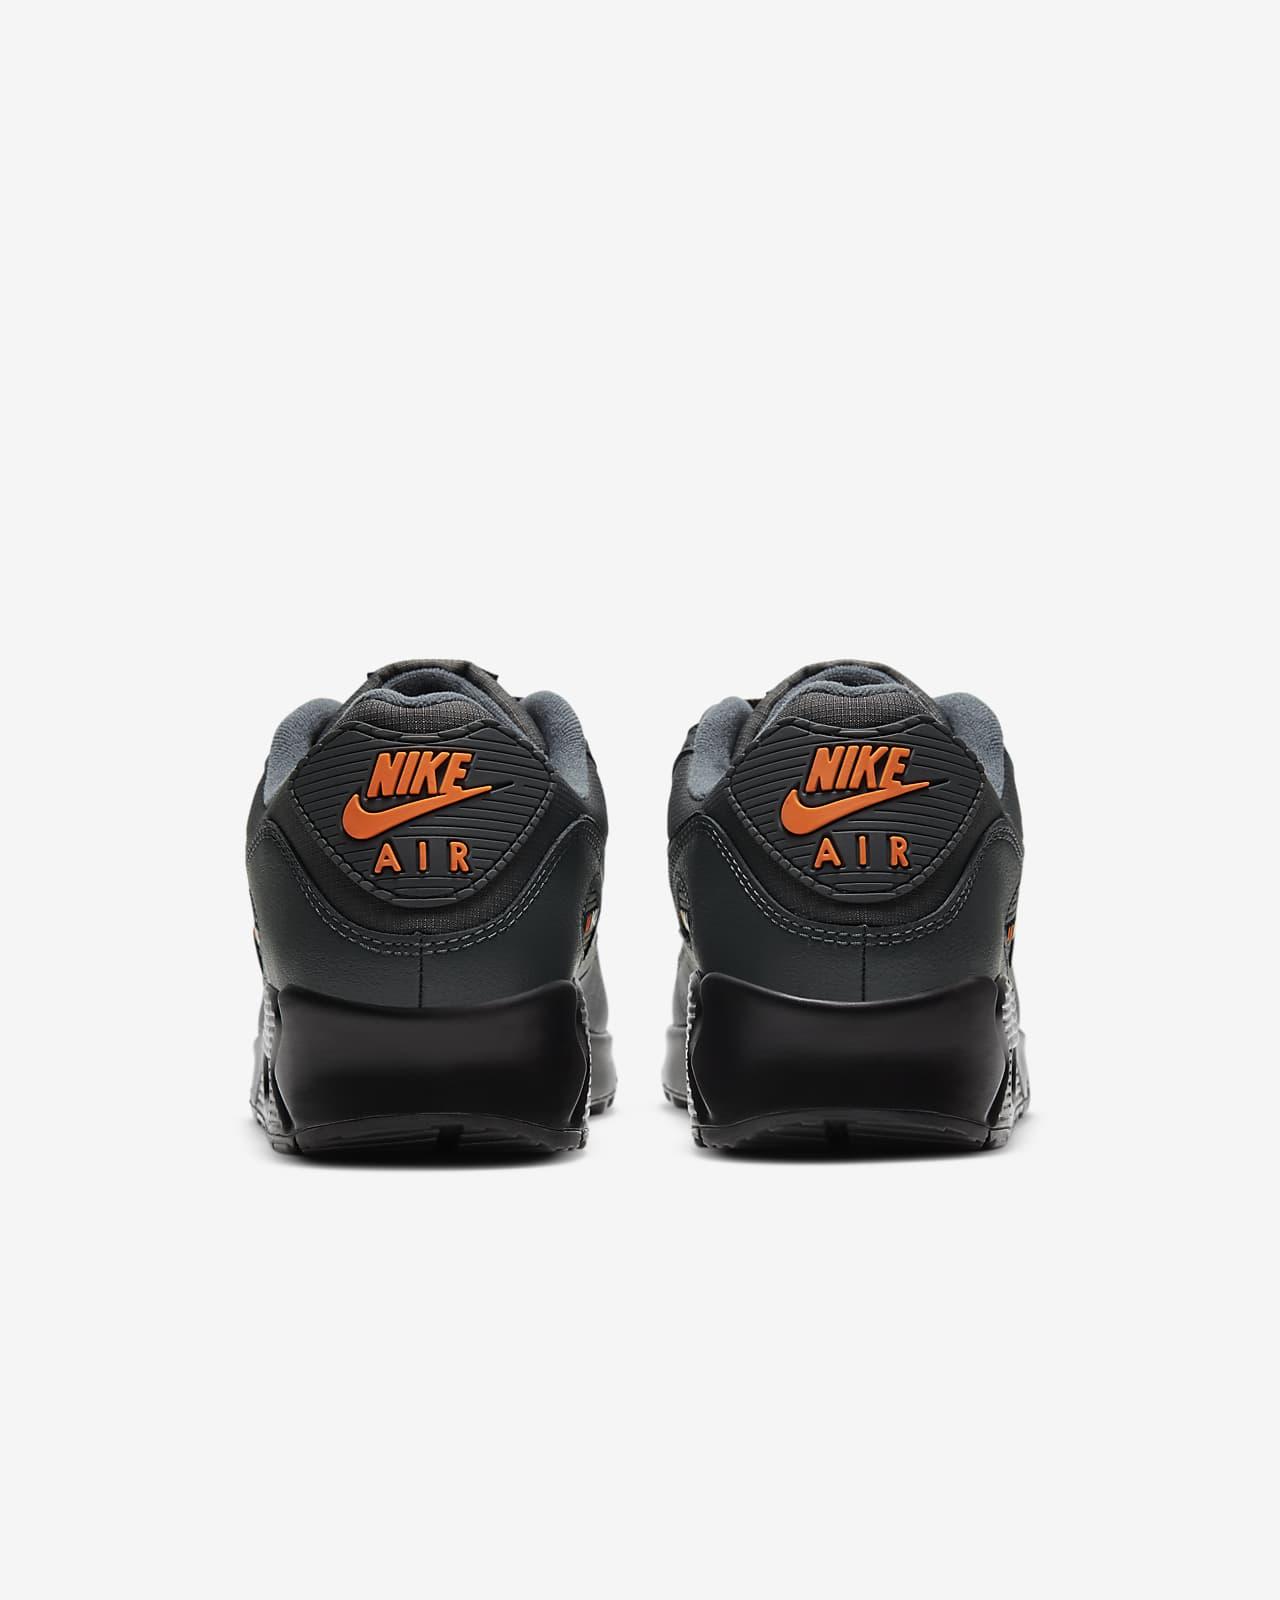 air max 90 homme orange et noir